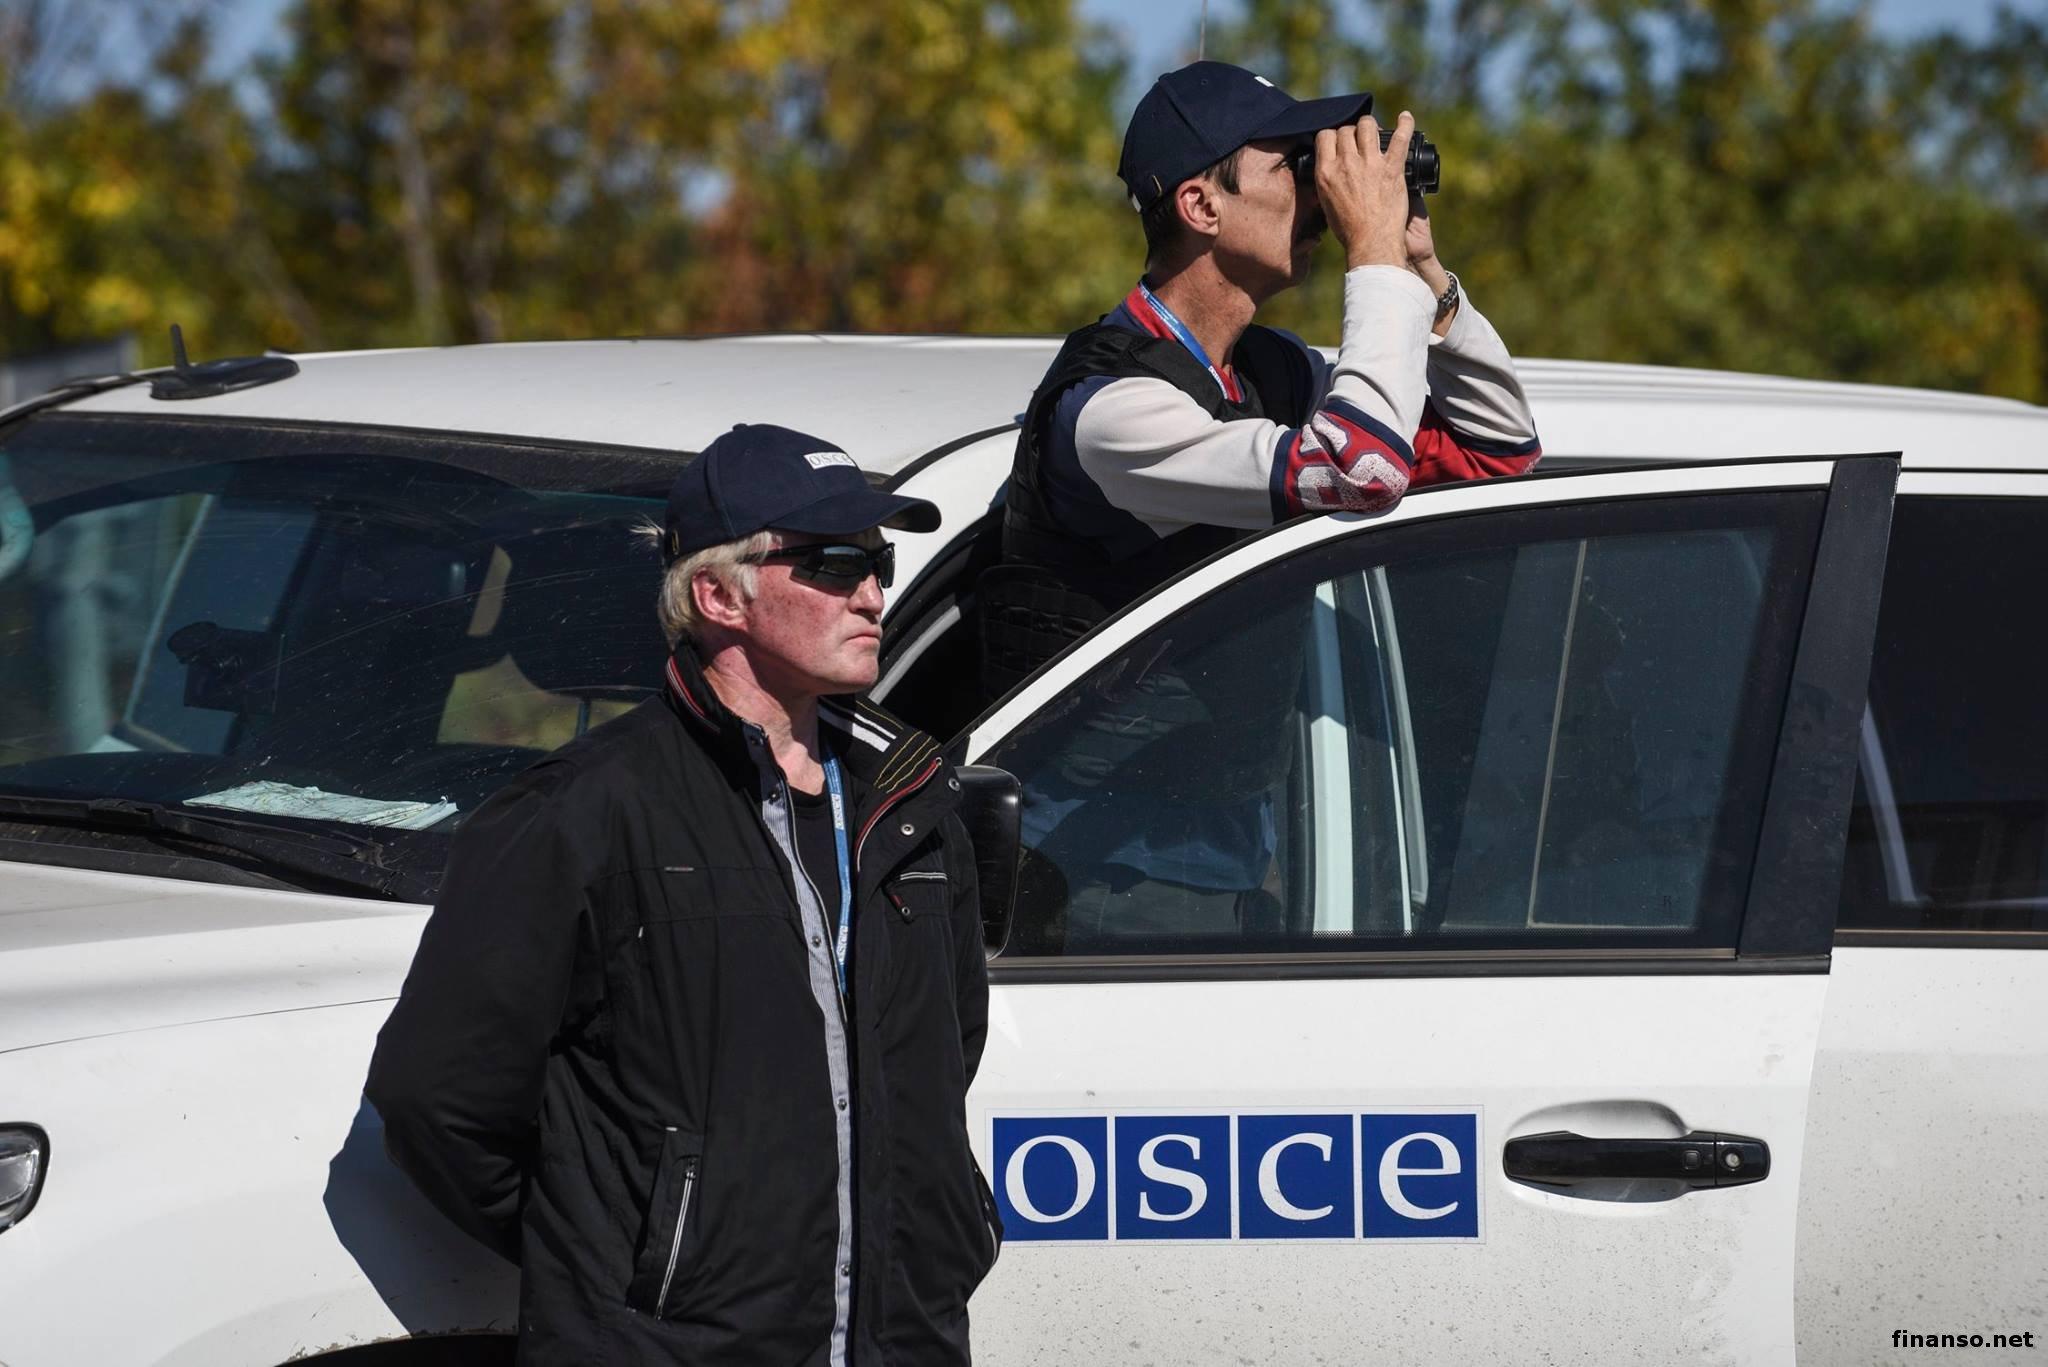 ОБСЕ рапортует обухудшении ситуации наДонбассе